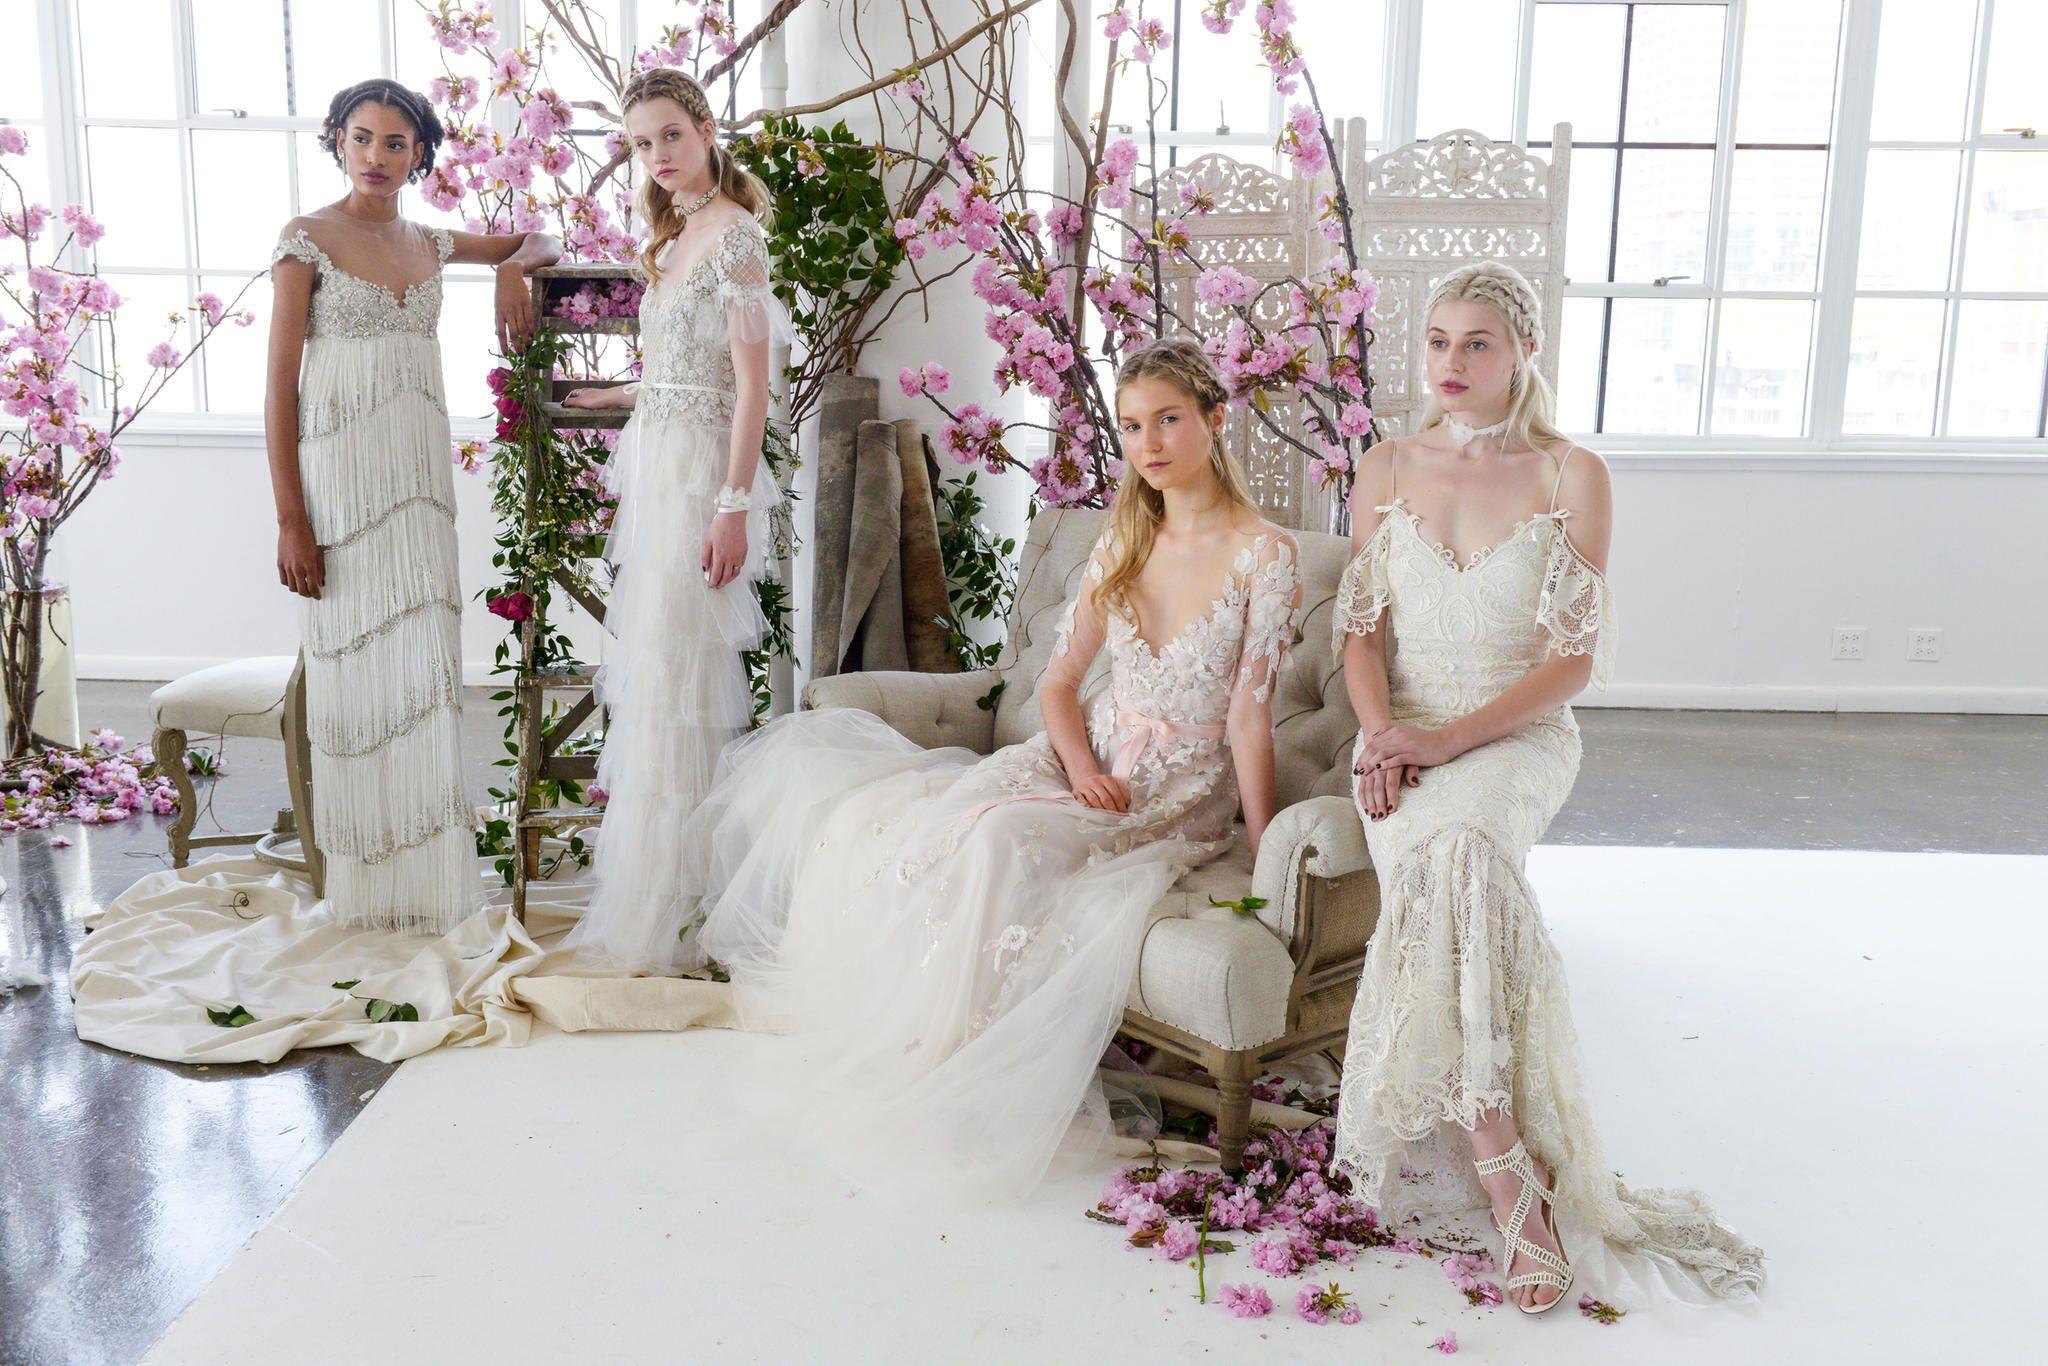 Wunderbar Shopsimple Brautkleider Fotos - Brautkleider Ideen ...